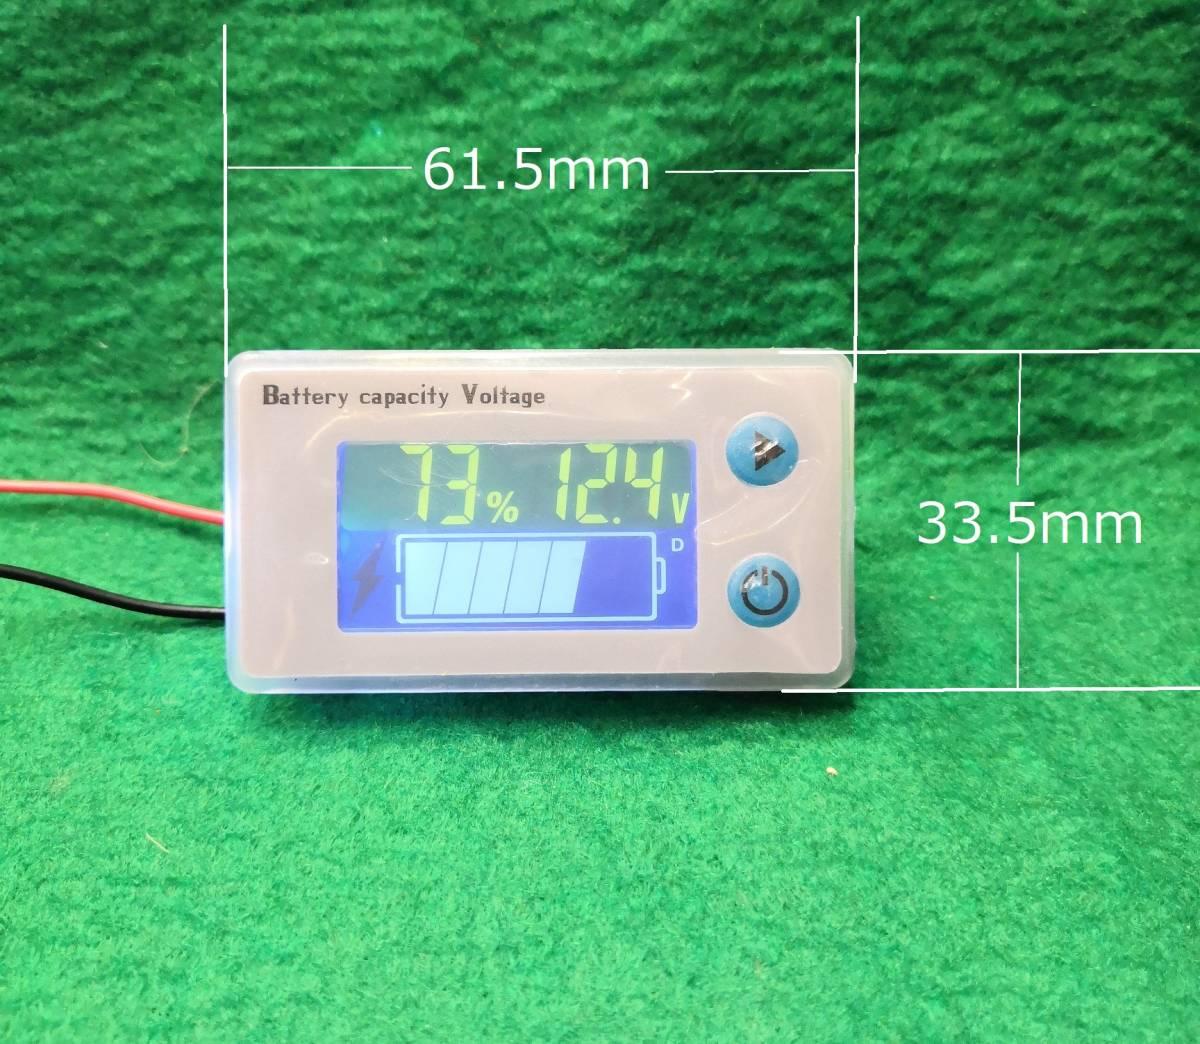 バッテリー容量電圧計温度も表示容量%バー表示パネルはカラー液晶 キャンピングカー電源表示に最適です送料全国一律普通郵便120円_画像3